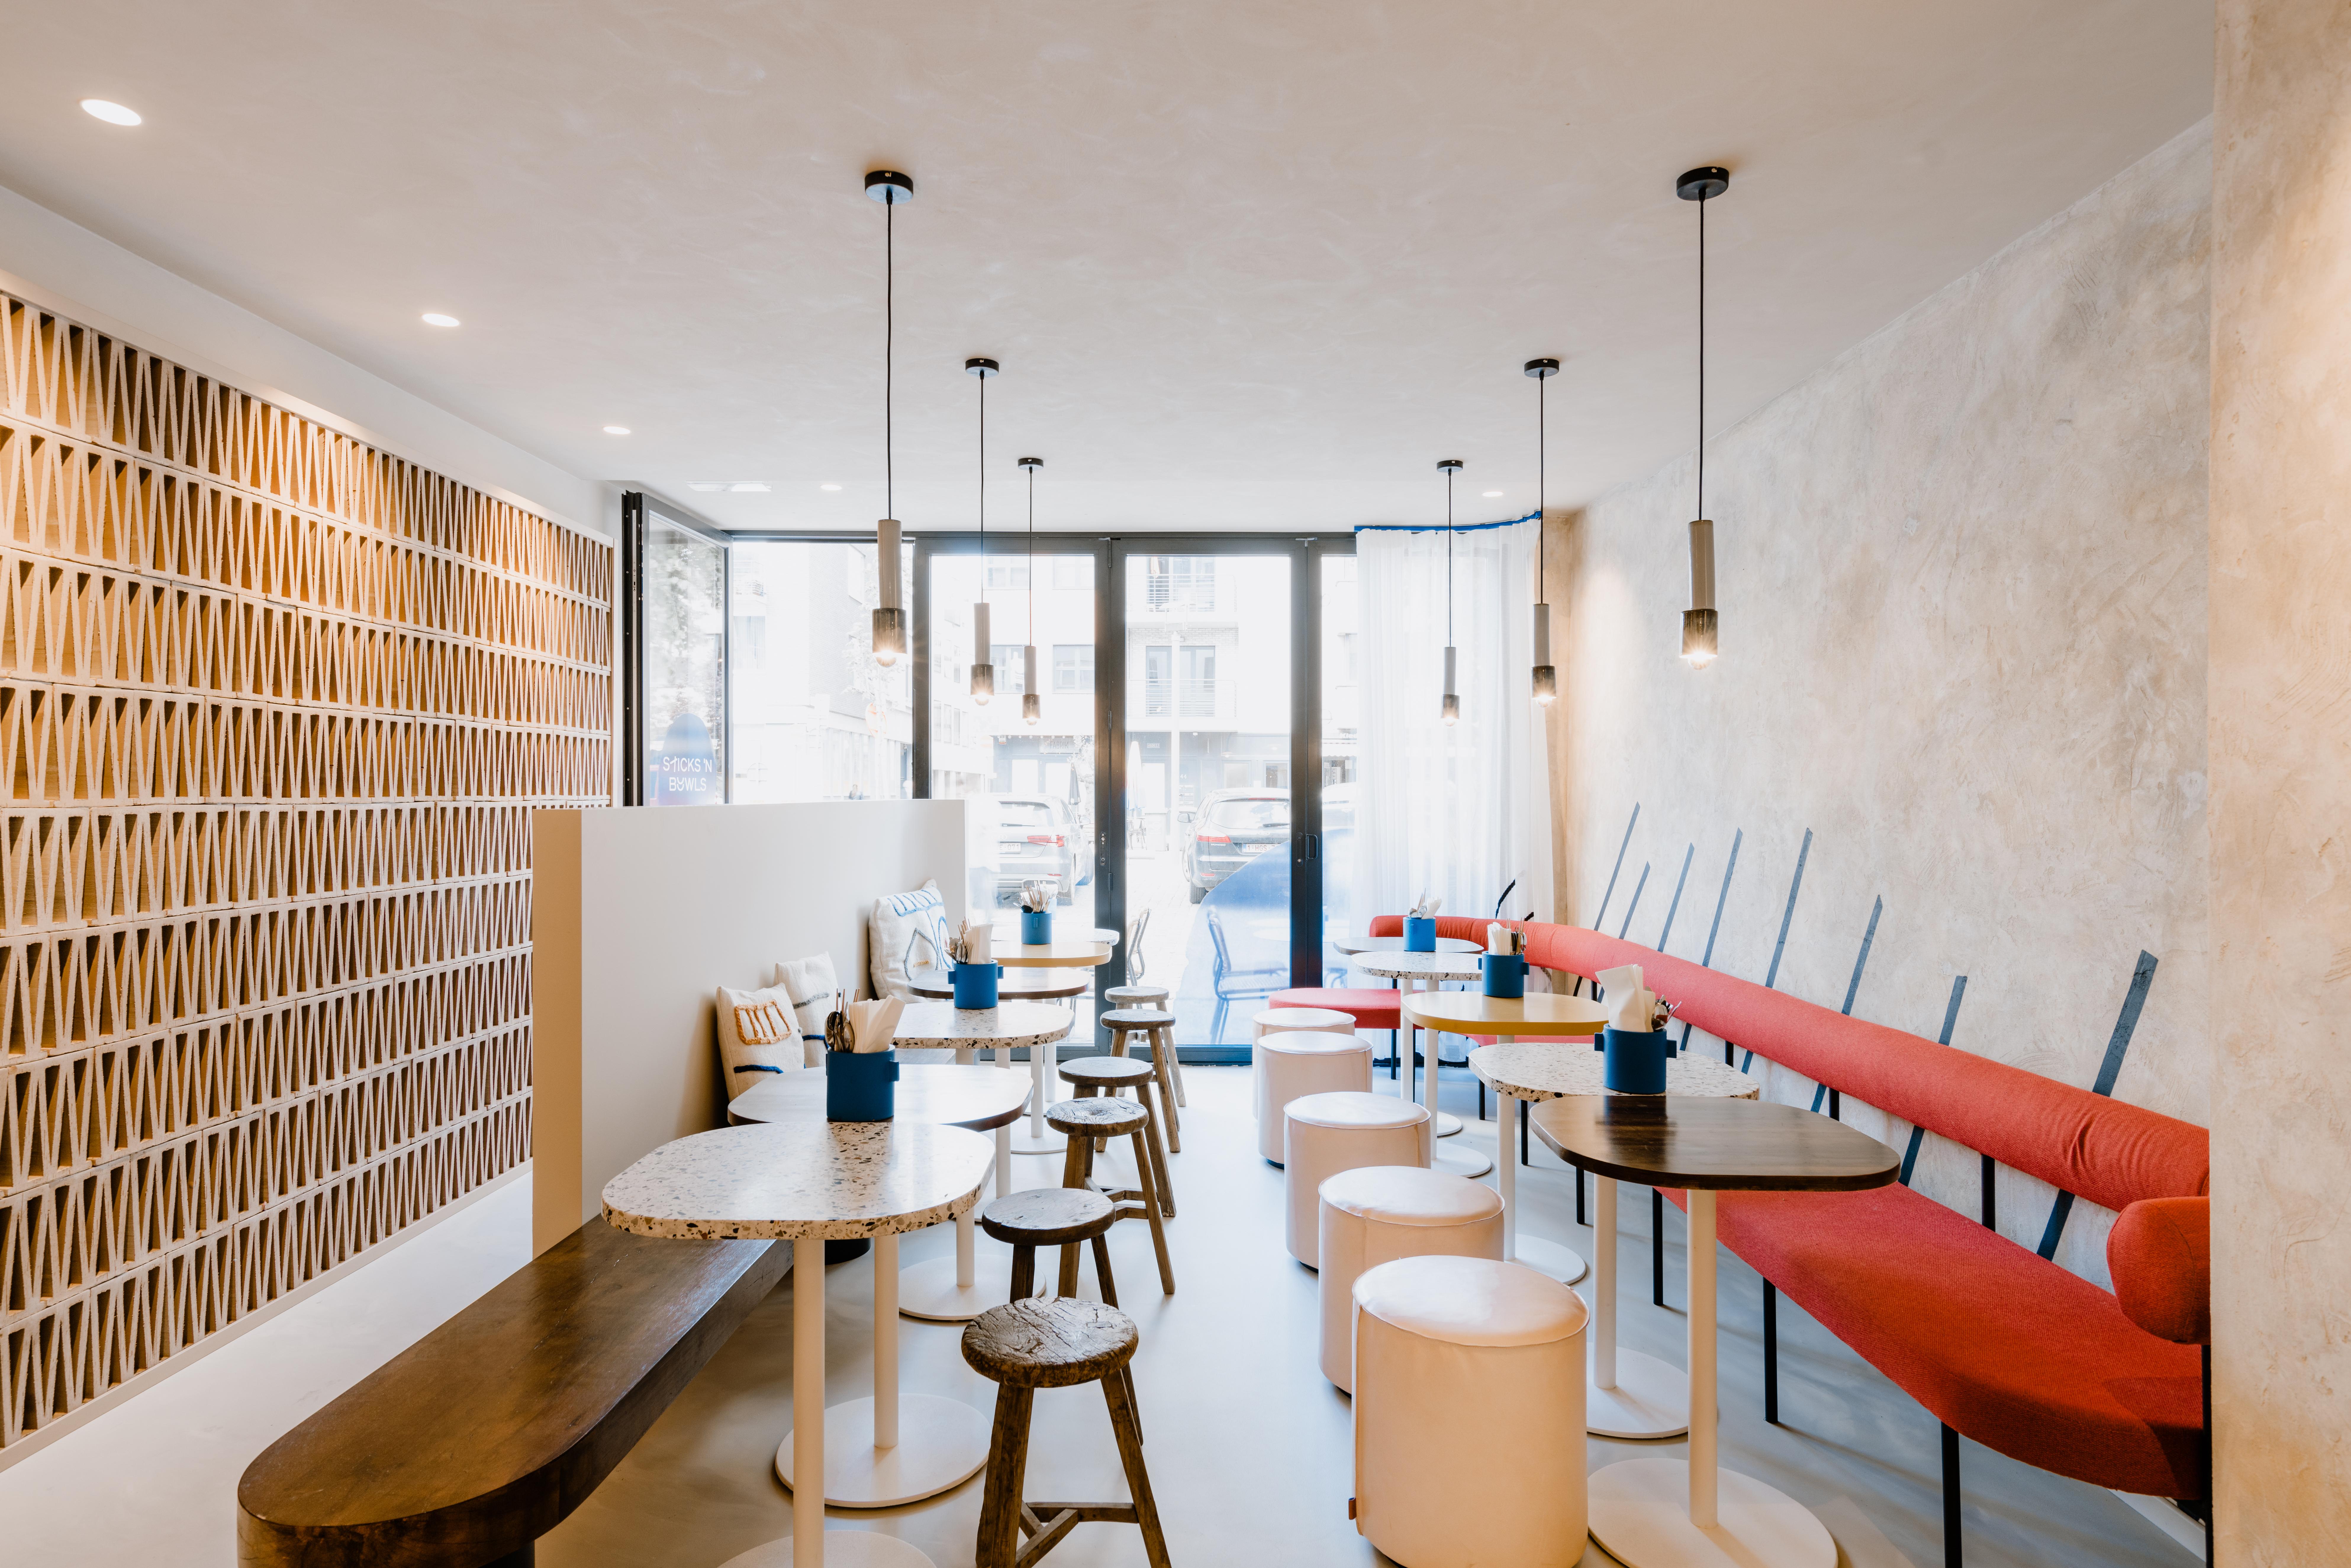 Evolution-interieurwinkel-totaalinrichtingen-projecten-restaurant-sticks-n-bowls-bedrijven-interieur-tafels-stoelen